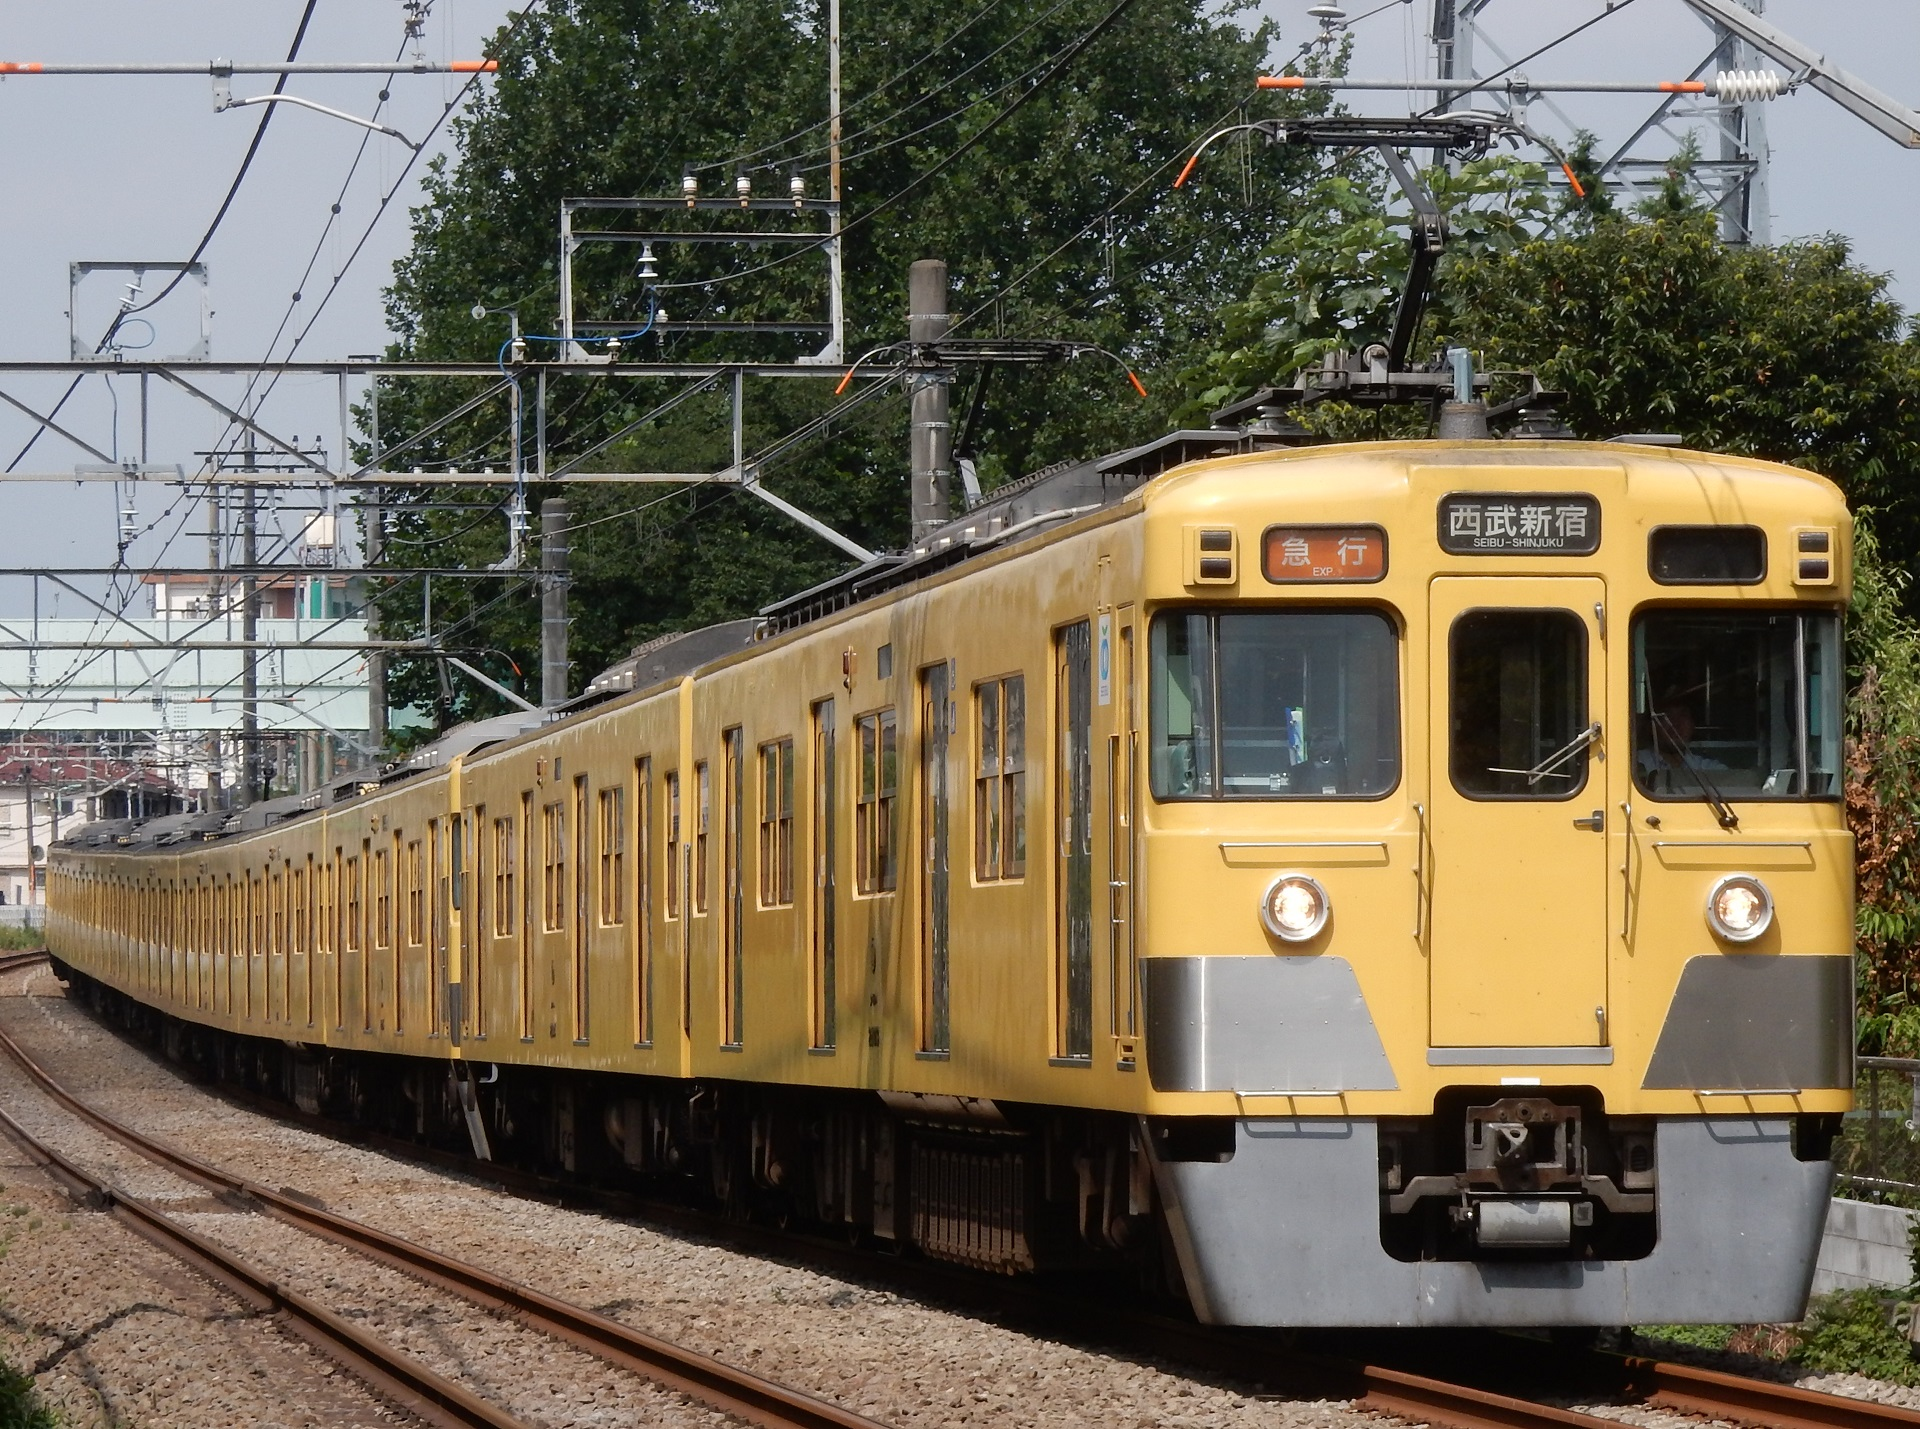 DSCN5013 - コピー